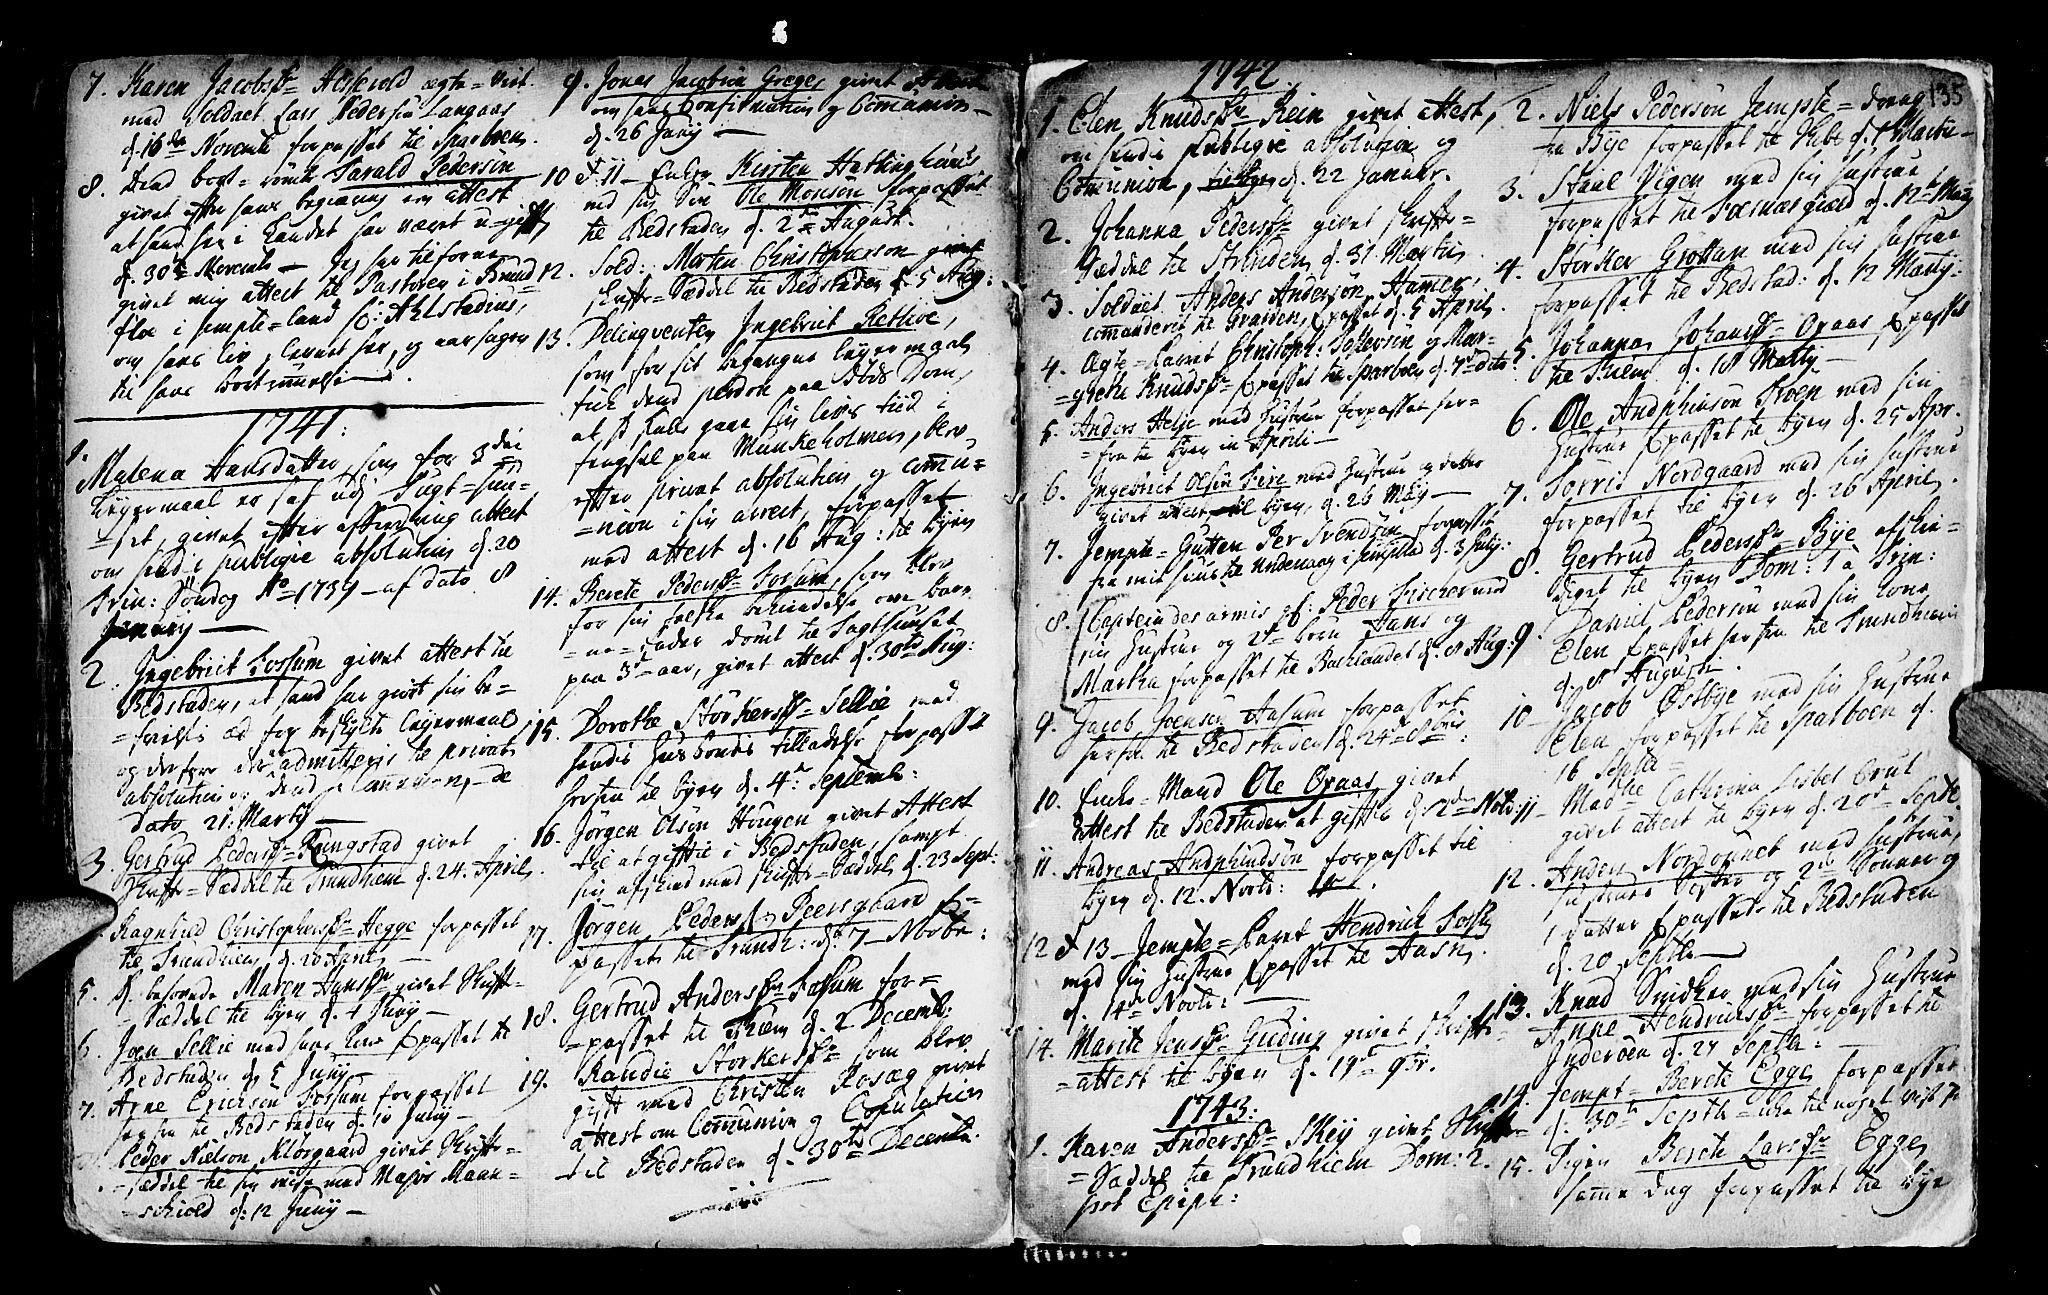 SAT, Ministerialprotokoller, klokkerbøker og fødselsregistre - Nord-Trøndelag, 746/L0439: Ministerialbok nr. 746A01, 1688-1759, s. 135